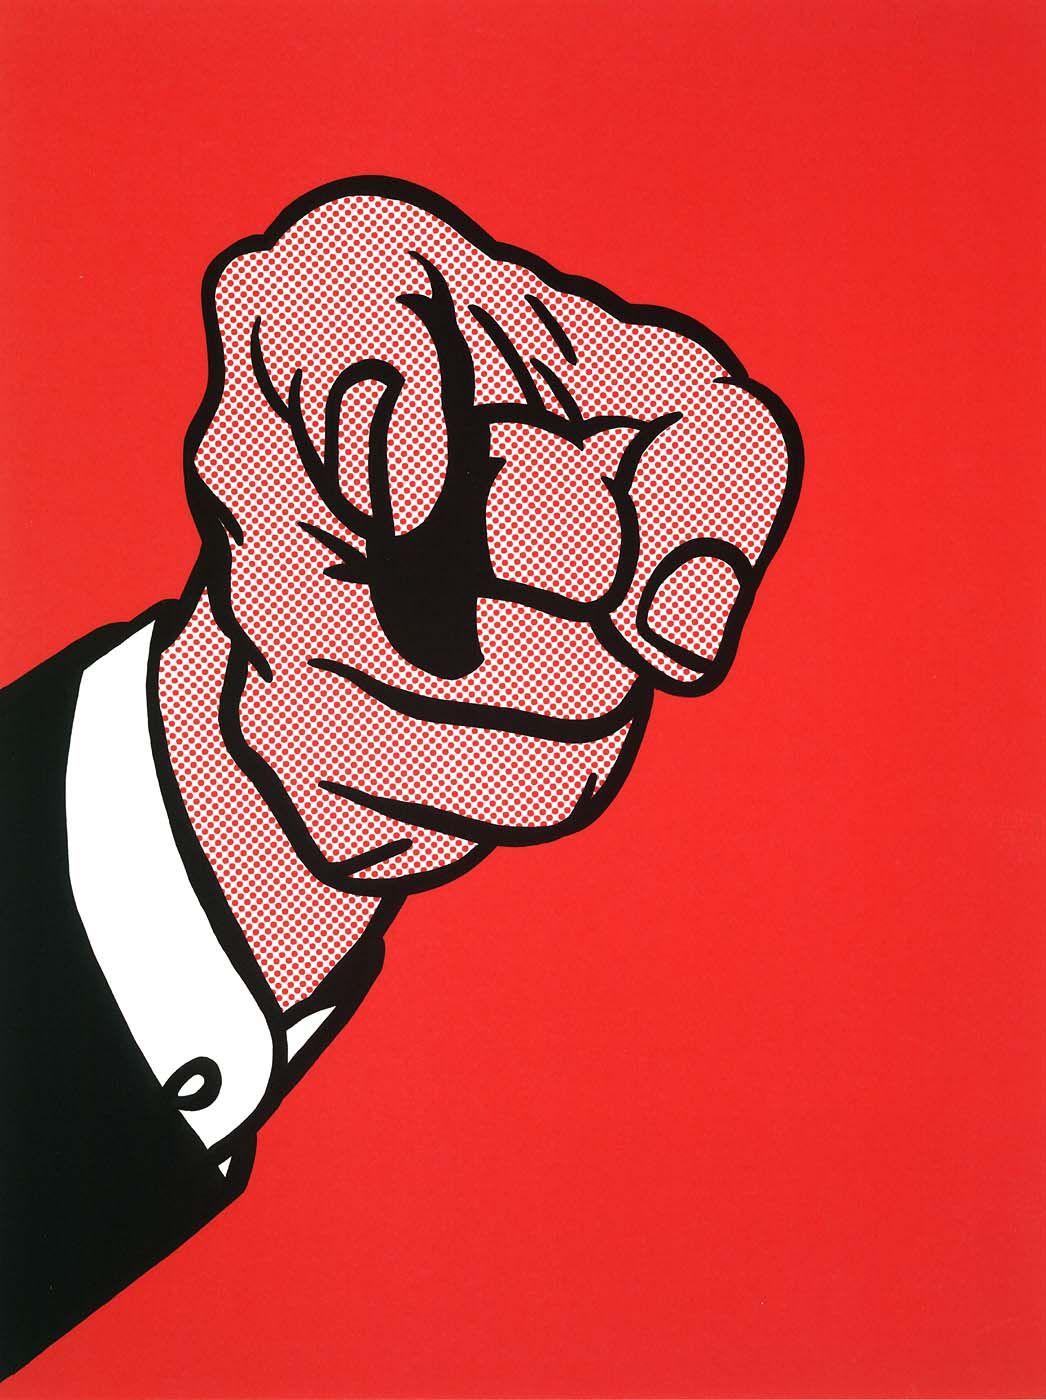 Lichtenstein Lichtenstein Pop Art Roy Lichtenstein Pop Art Artpop